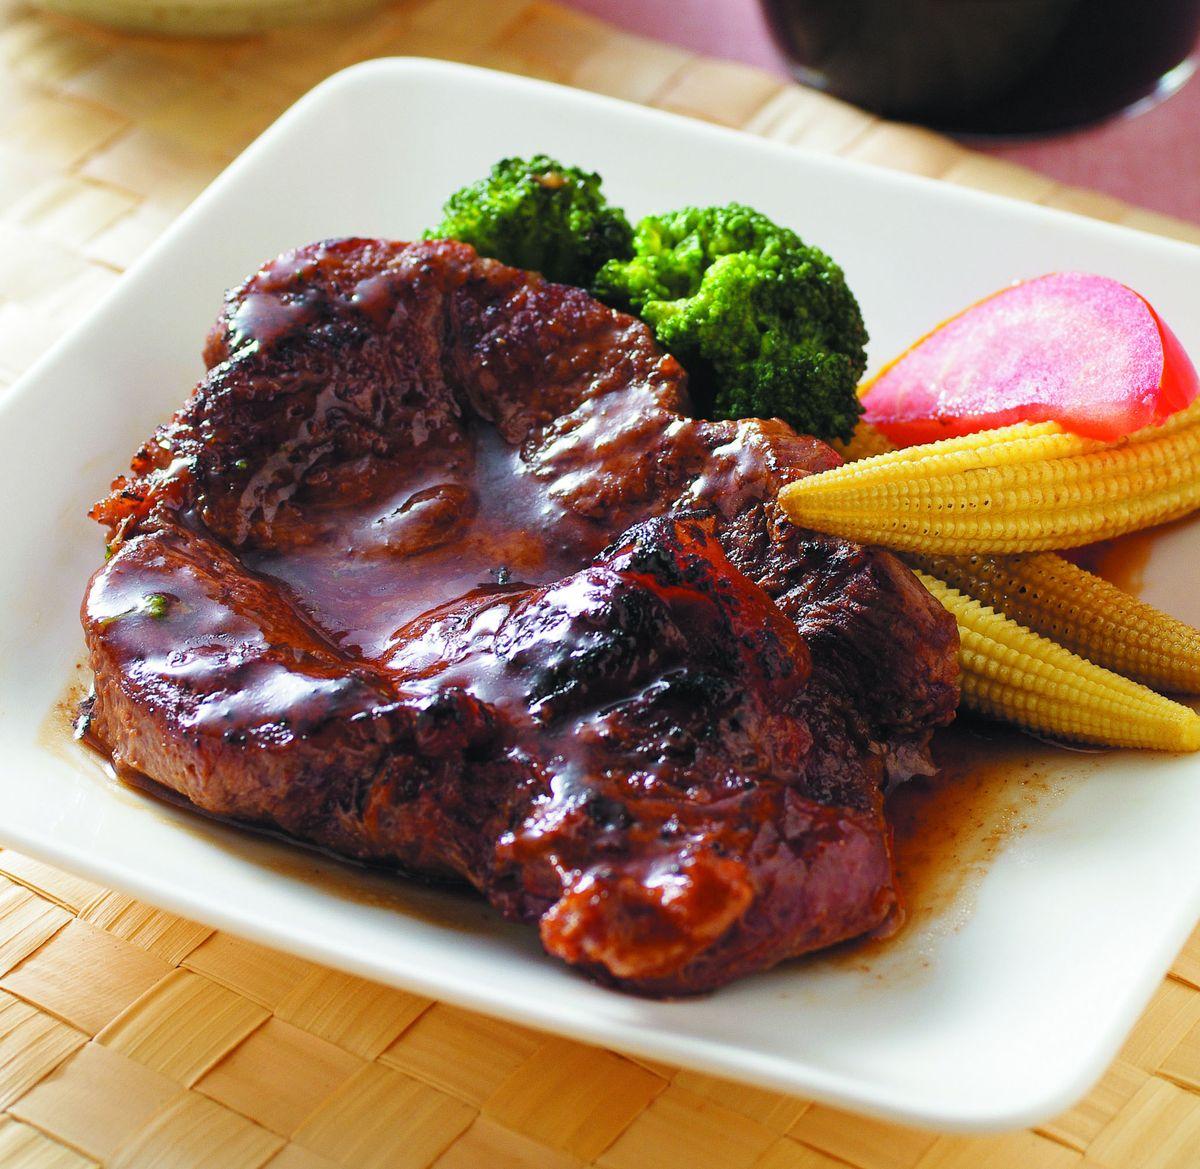 【食譜】味噌烤牛排:www.ytower.com.tw